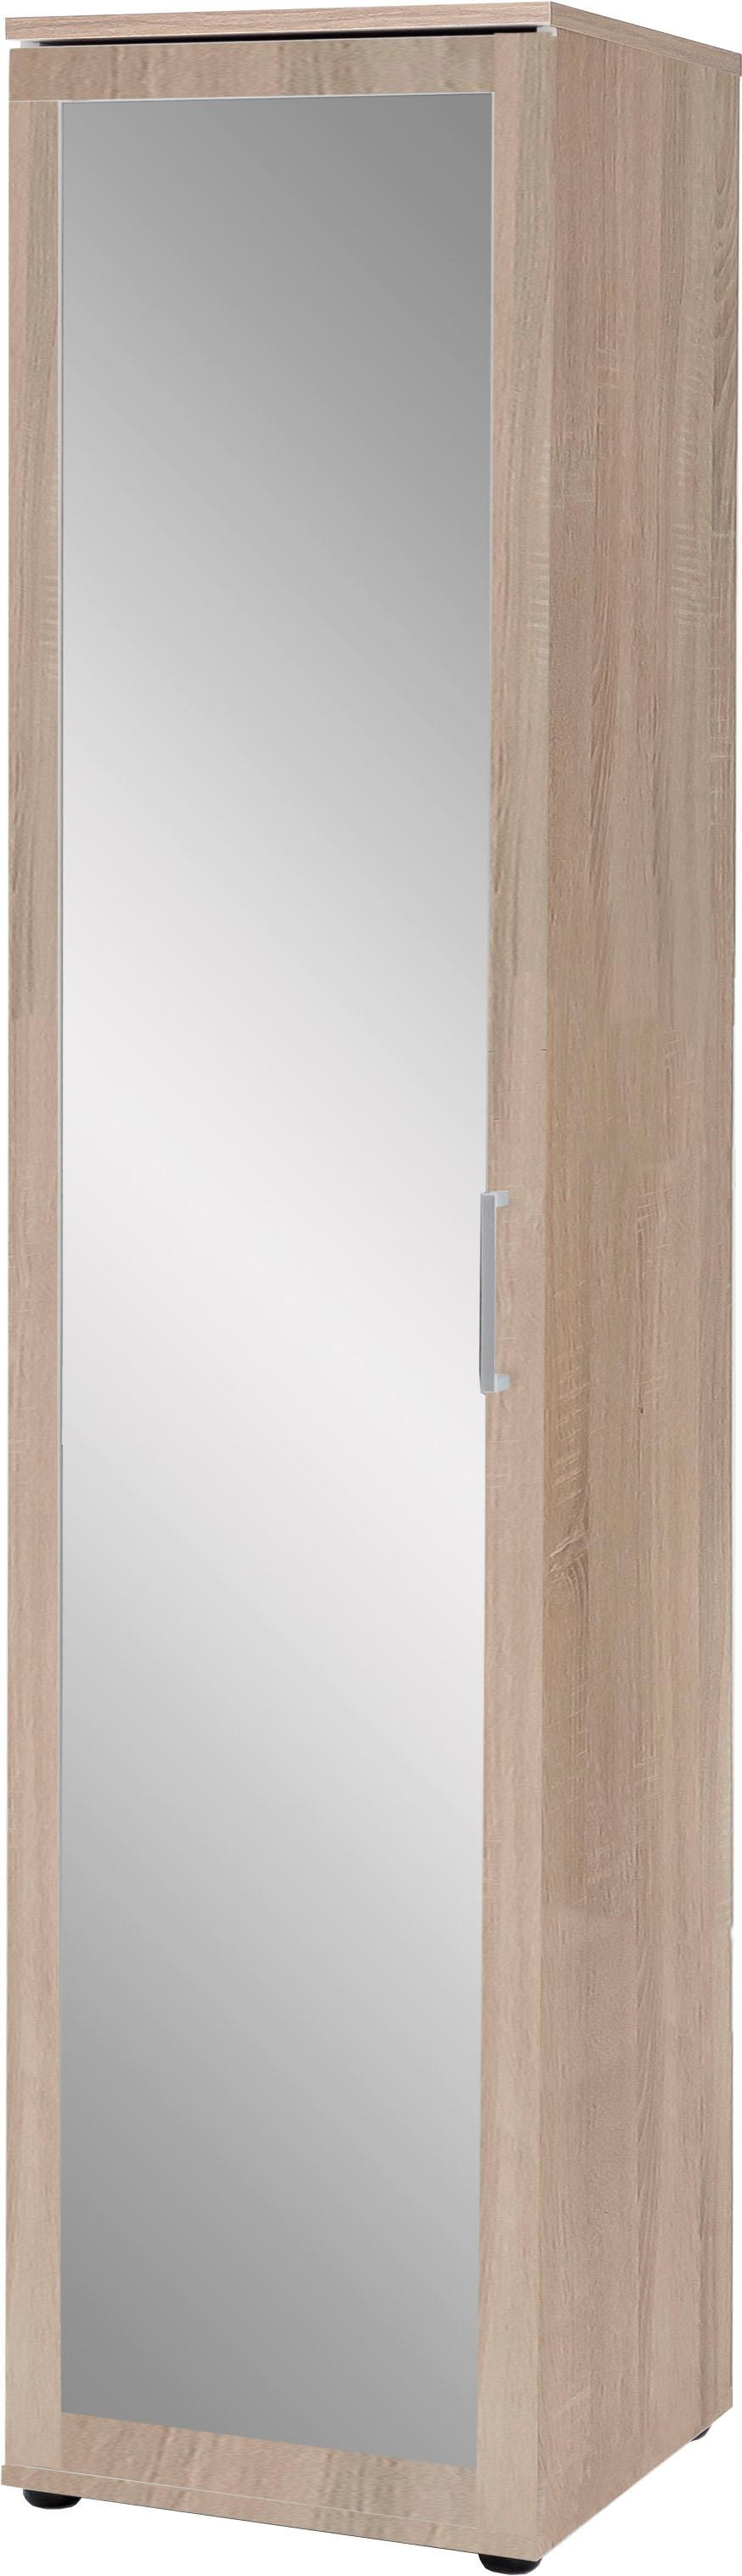 Ems Mehrzweckschrank mit Spiegel